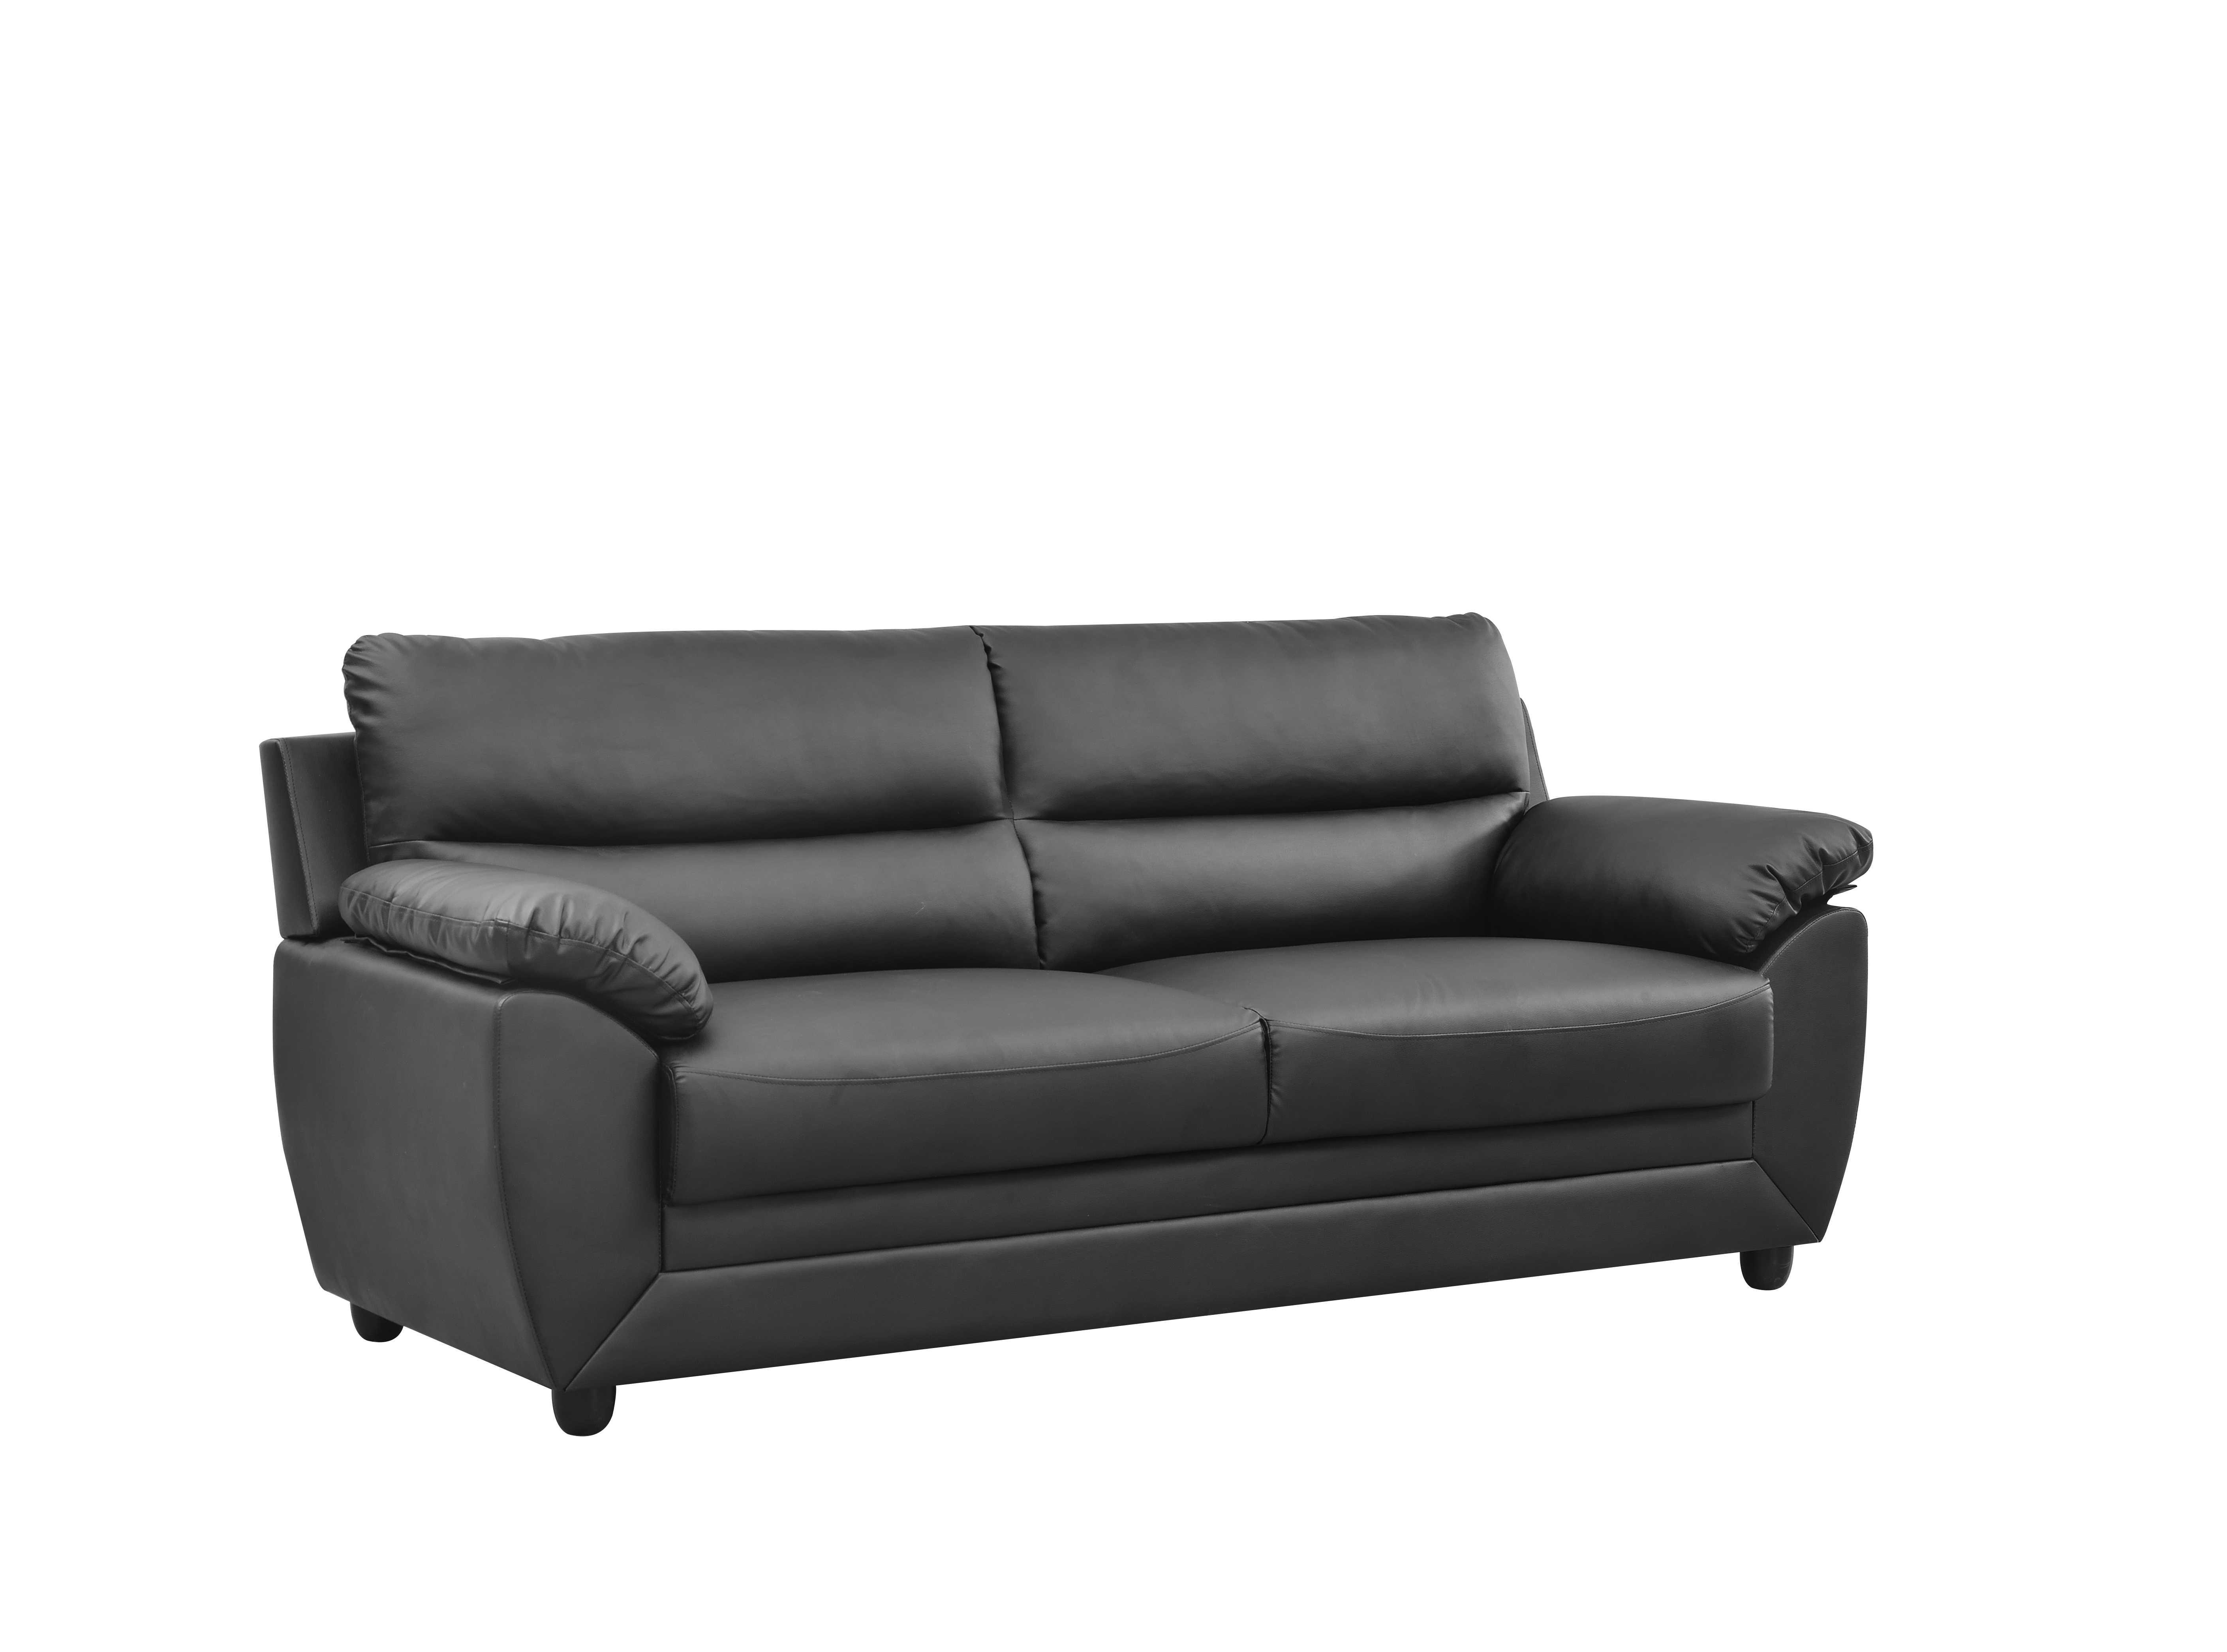 Famoso Comprar Muebles En Línea Barata Sofá Adorno - Muebles Para ...